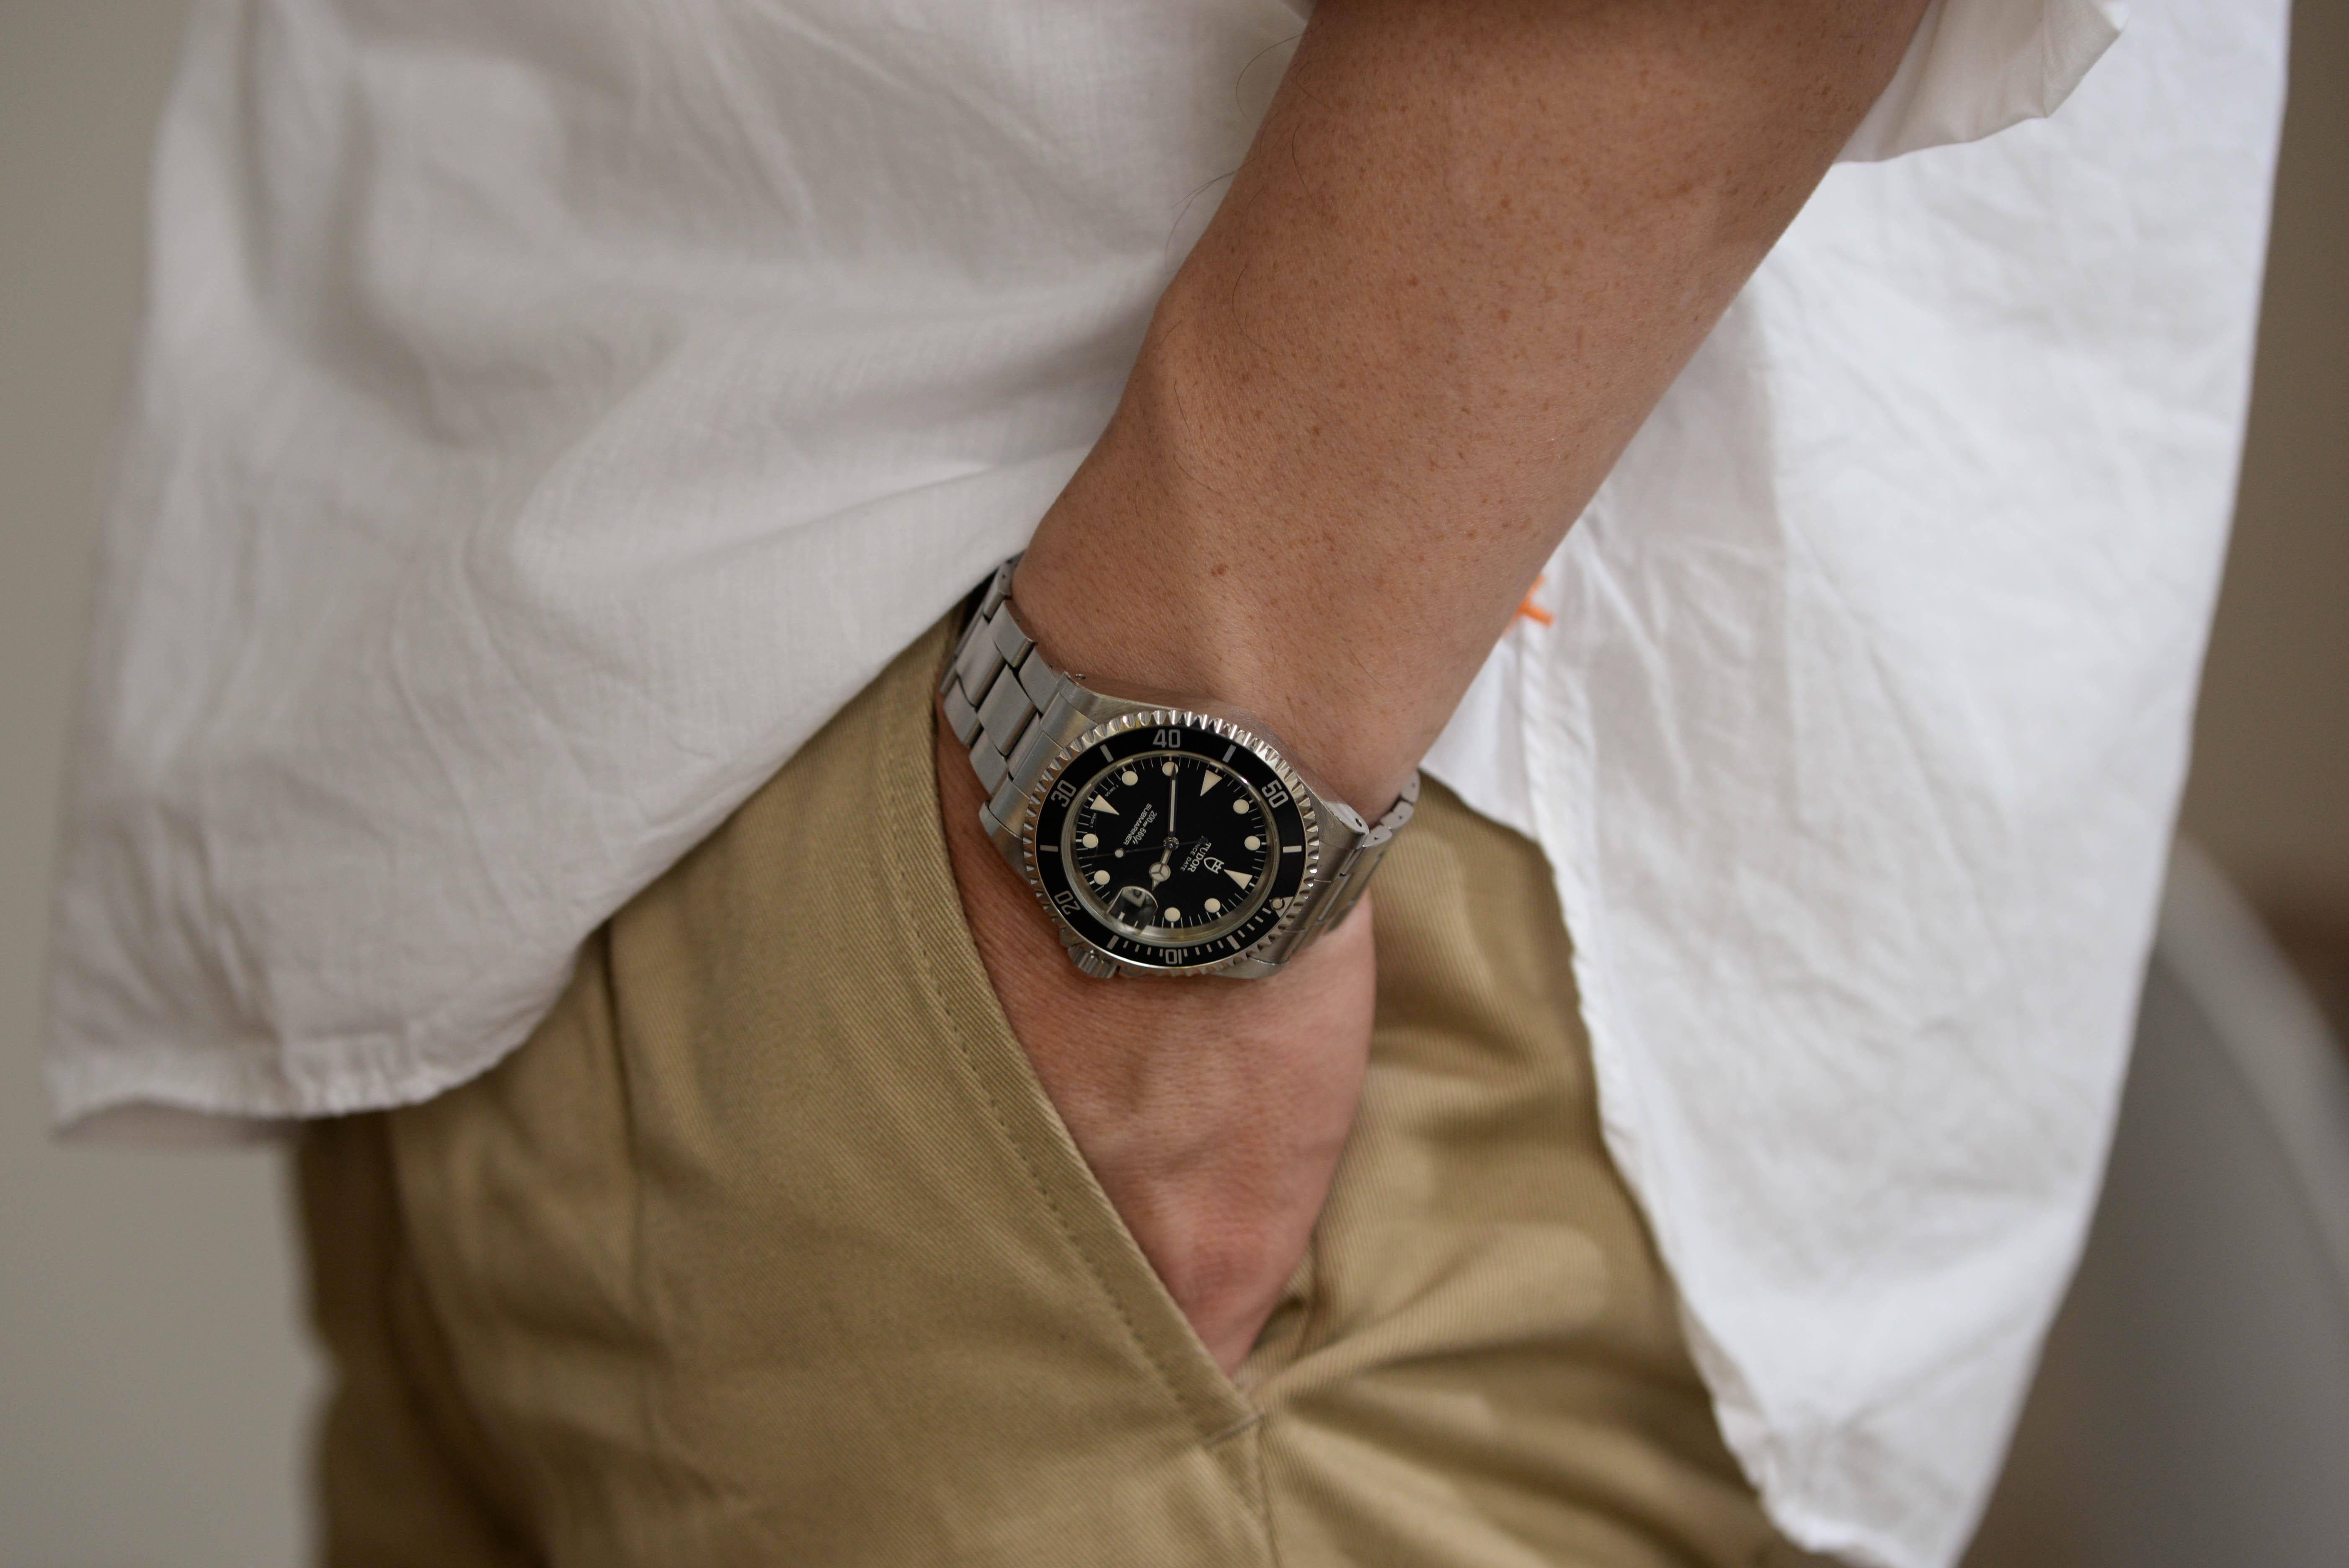 腕時計に興味を持ちました